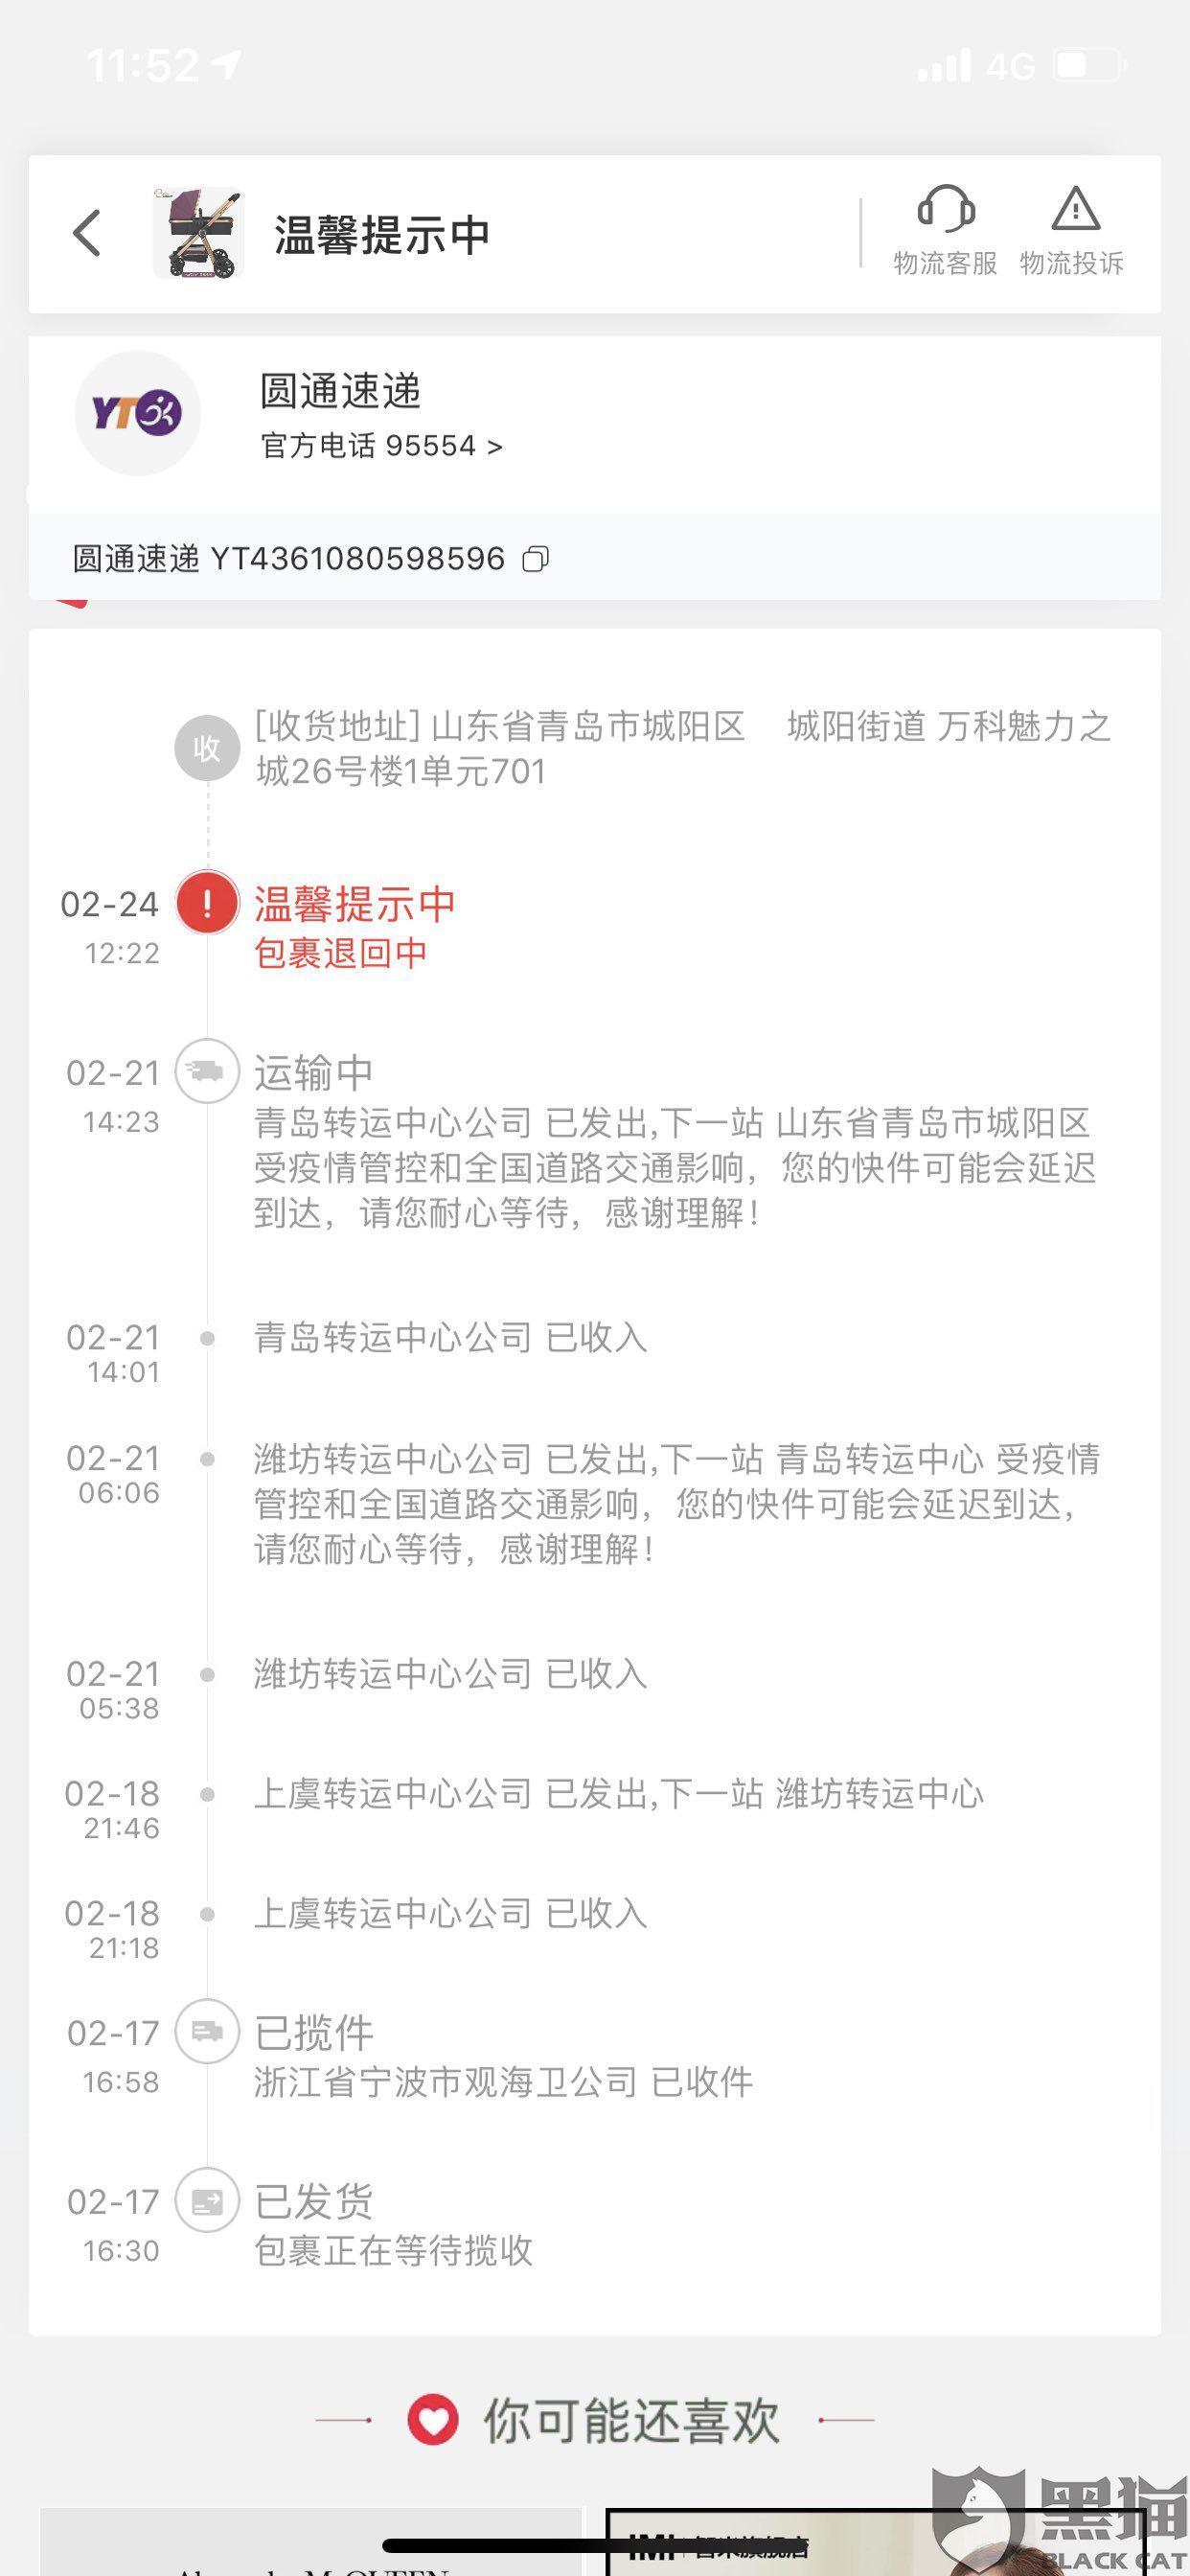 黑猫投诉:快递24日到青岛中心,迟迟发不出,退货后,发不回卖家,卖家不给退款。